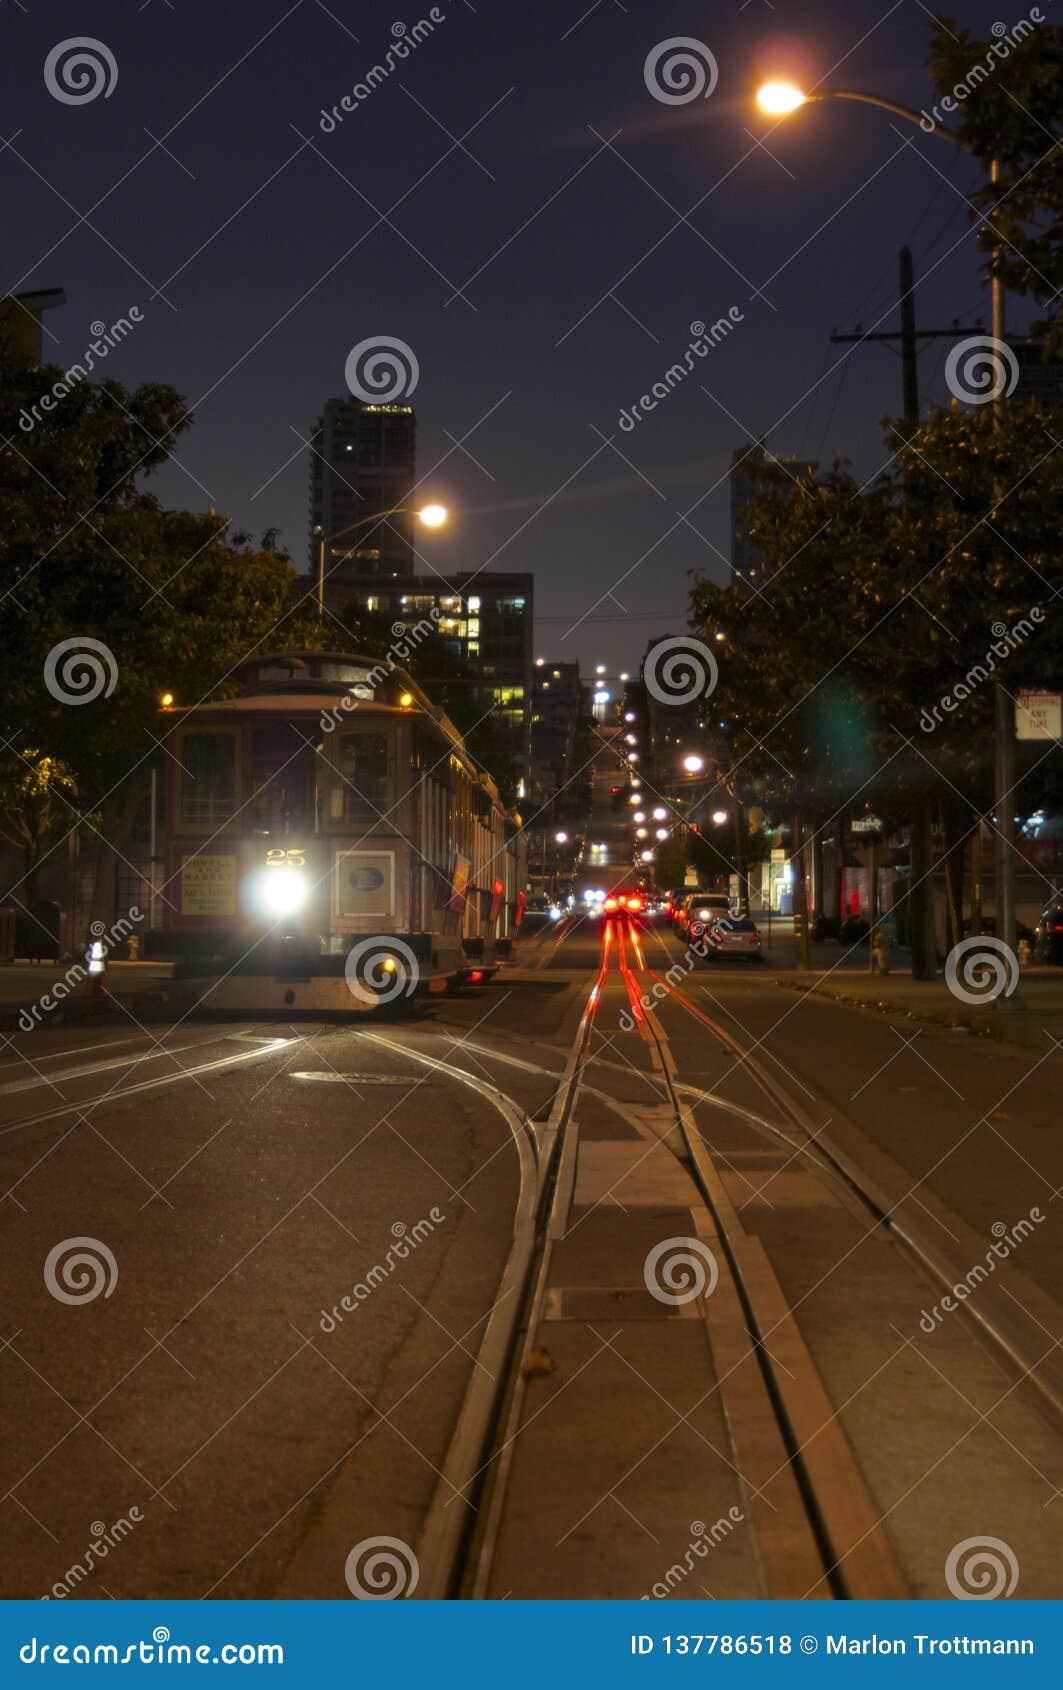 Una imagen de la noche de un tranvía típico de San Francisco